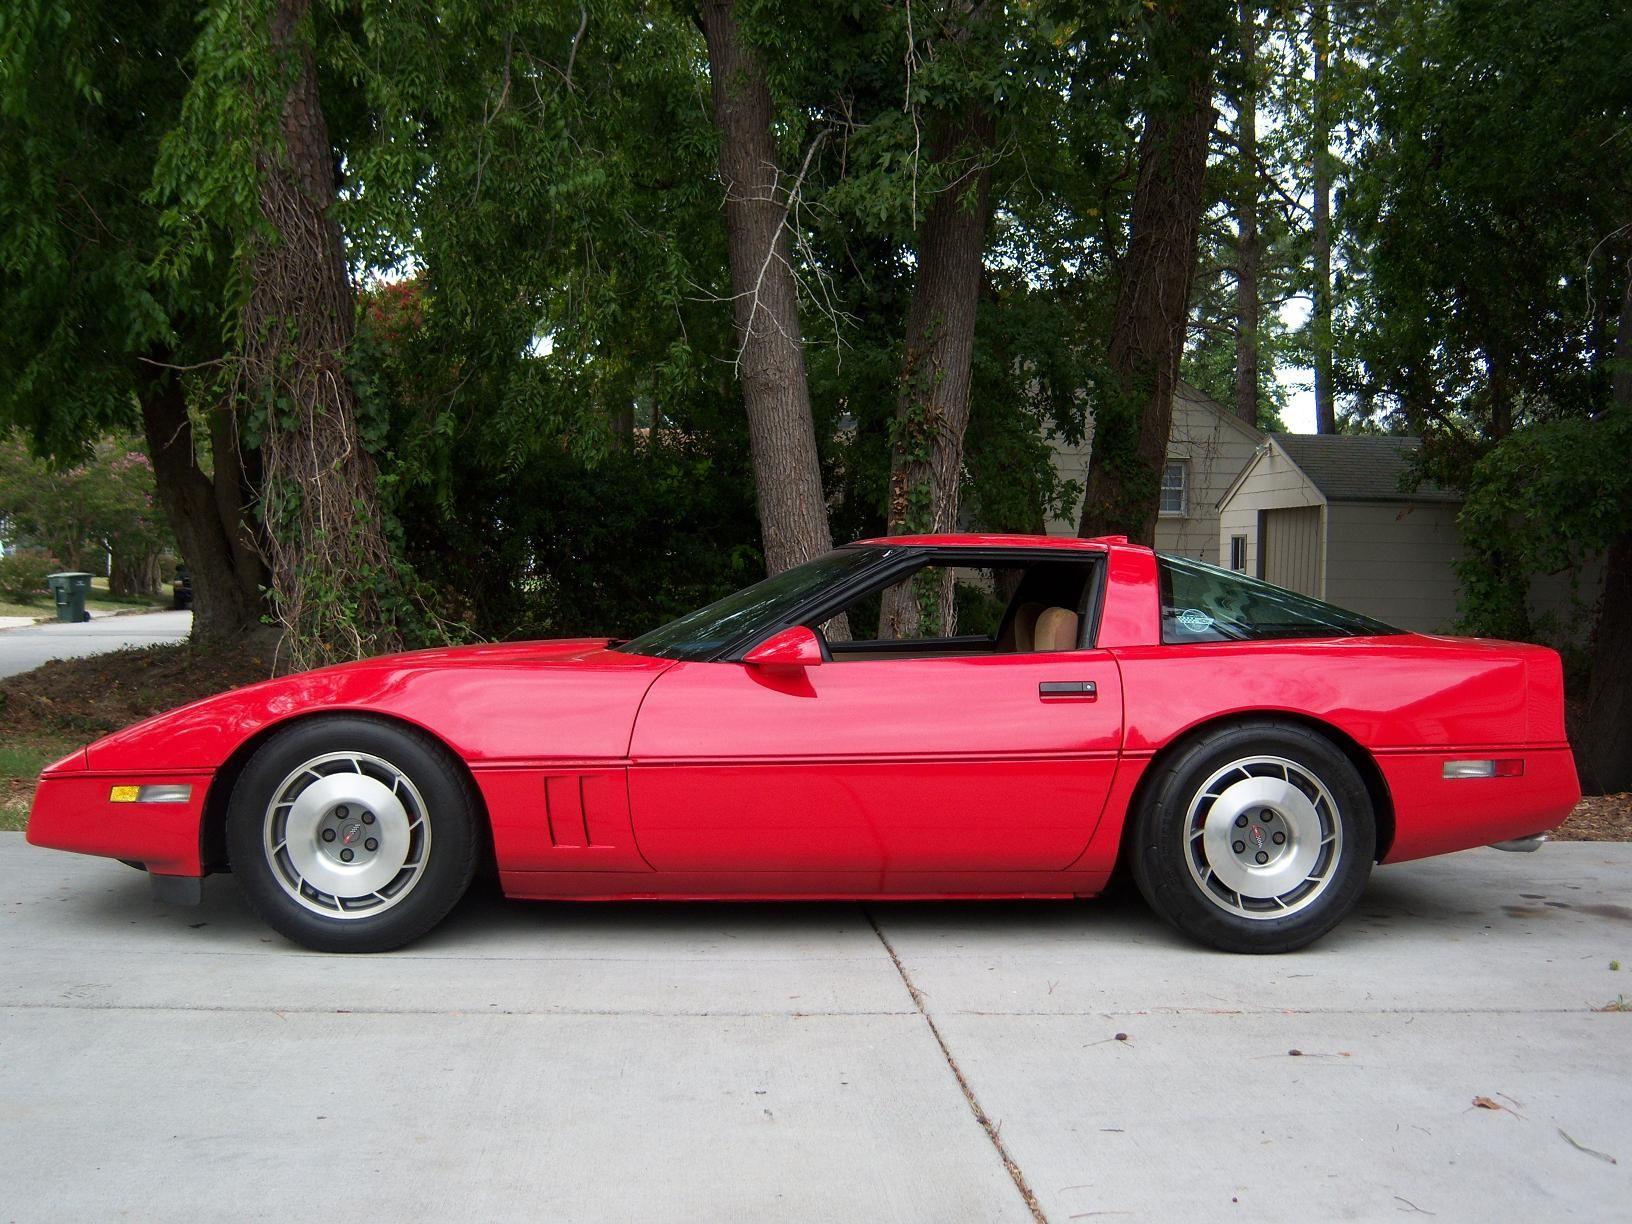 1987 Chevrolet Corvette Coupe Corvette For Sale Little Red Corvette Red Corvette